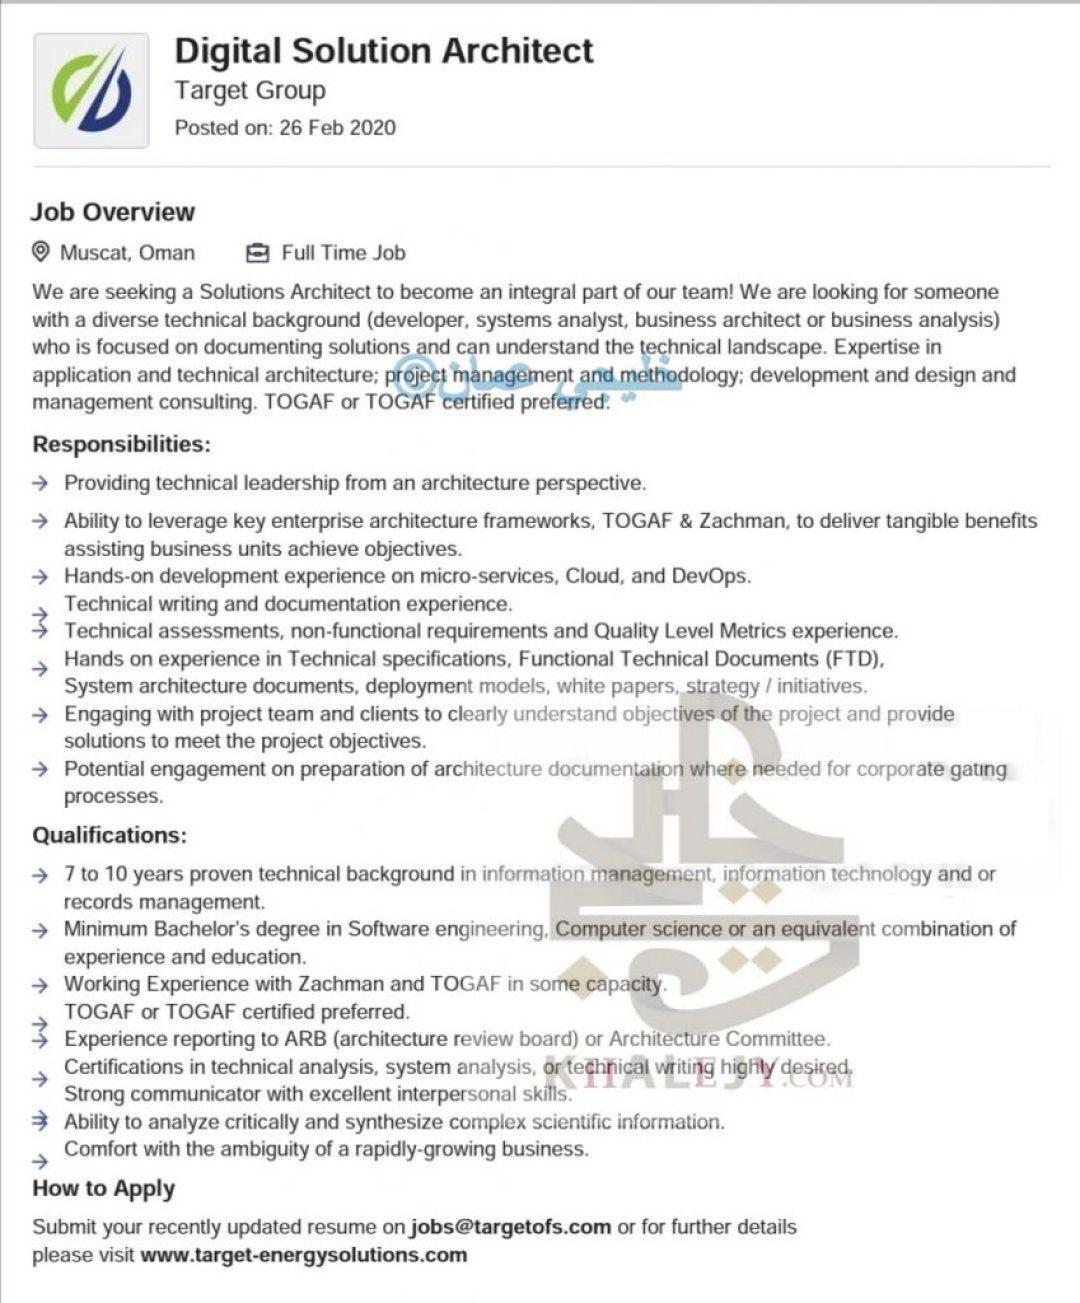 شركة الهدف لخدمات النفط وظائف - خليجي دوت كوم